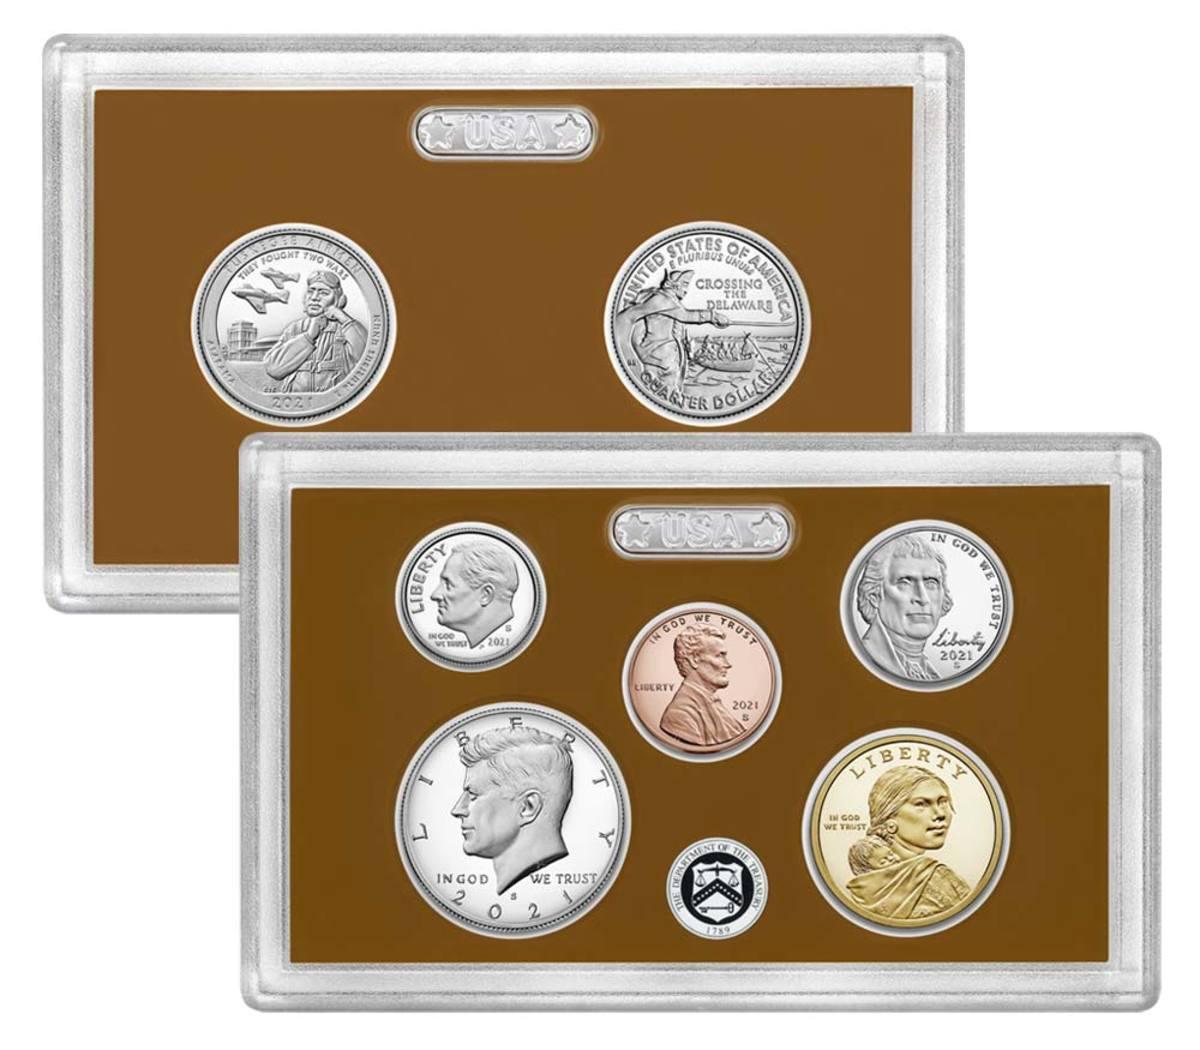 2021 proof set. (Image courtesy United States Mint.)